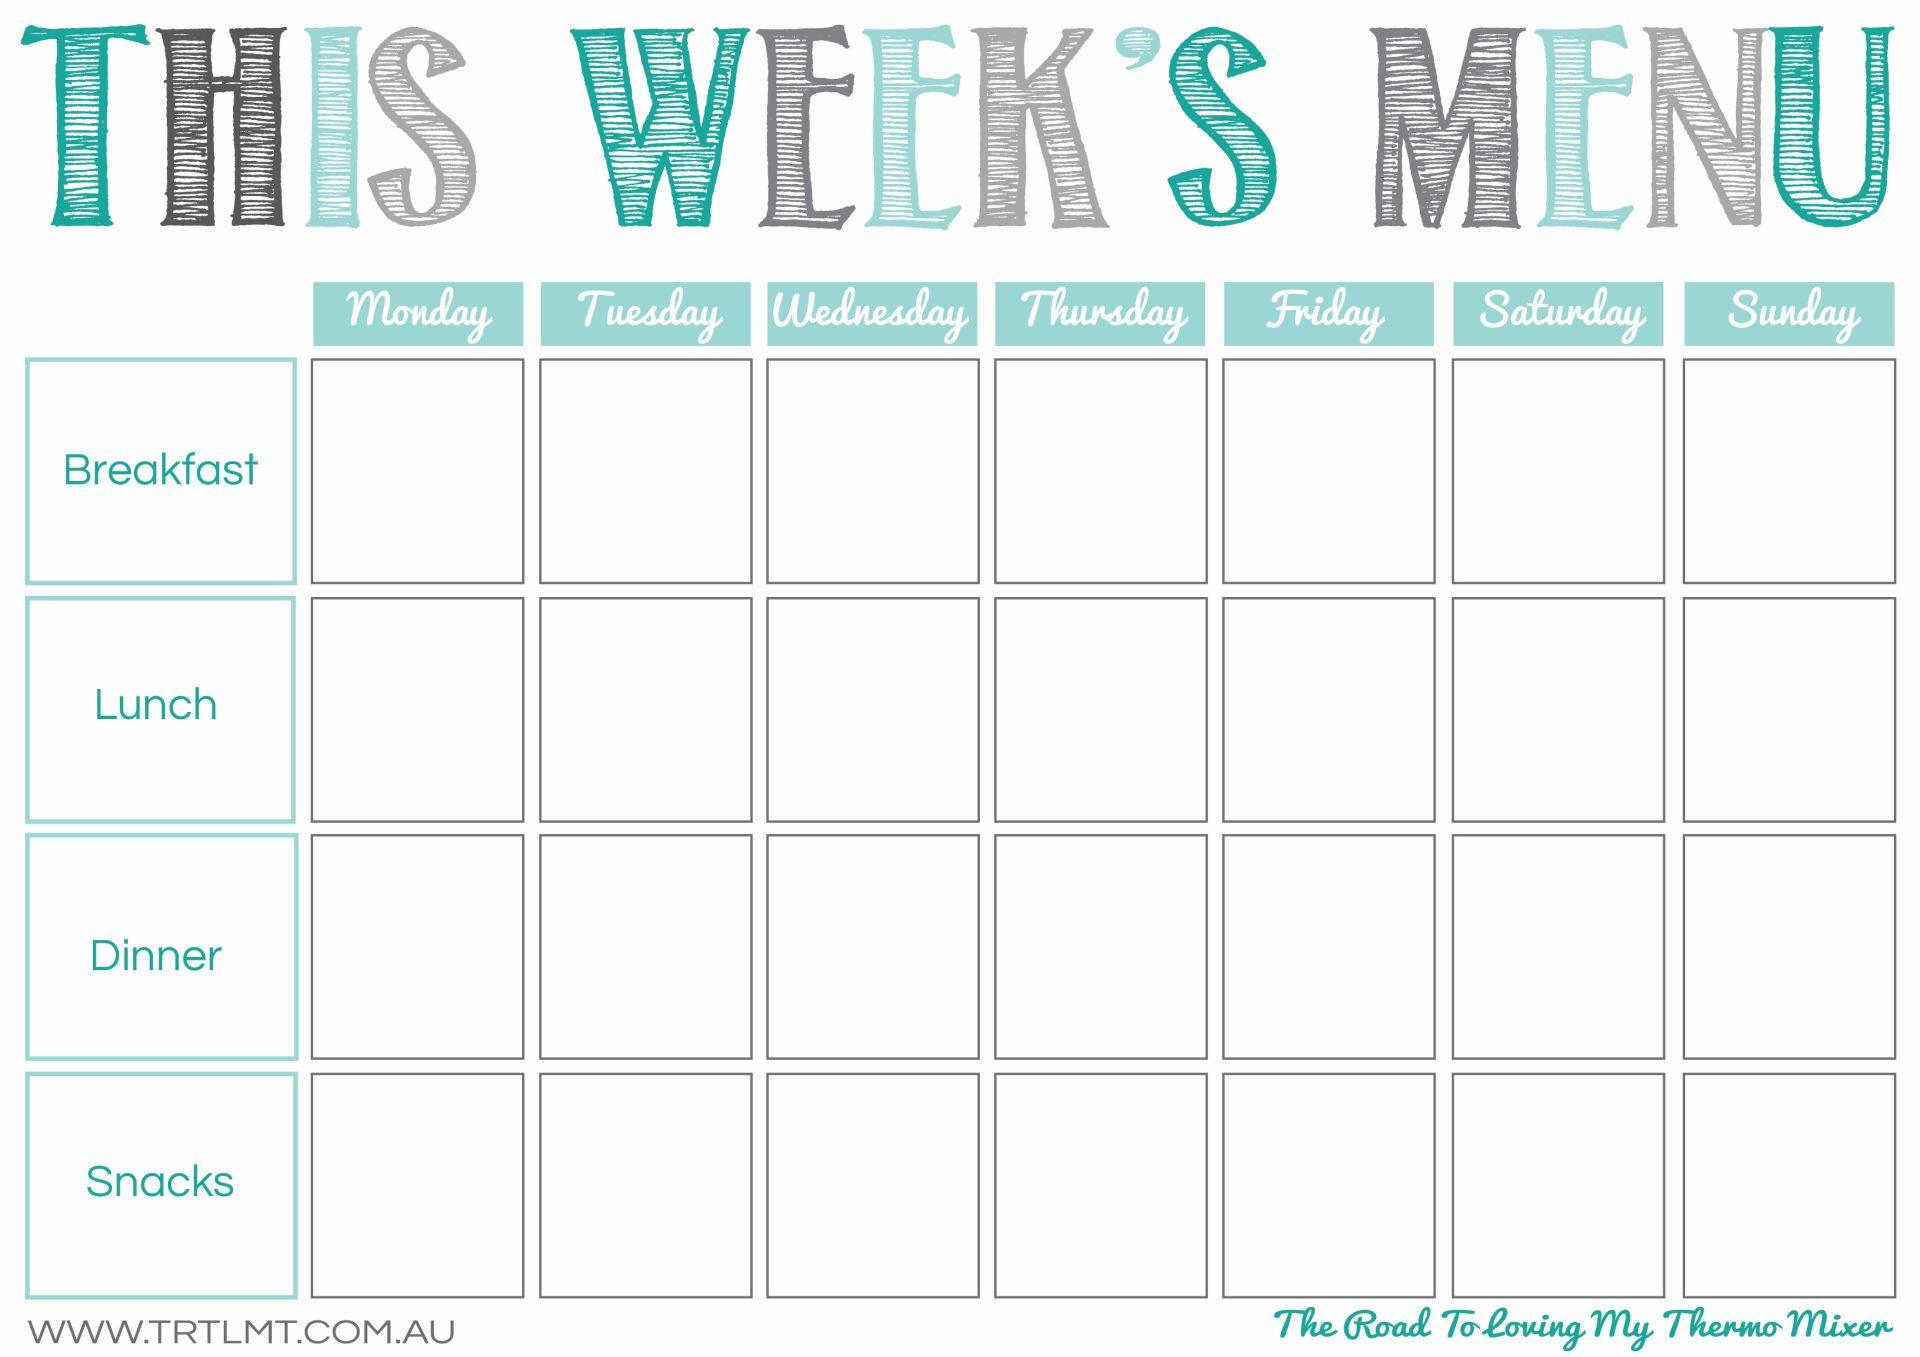 This Week's Menu 2 FB